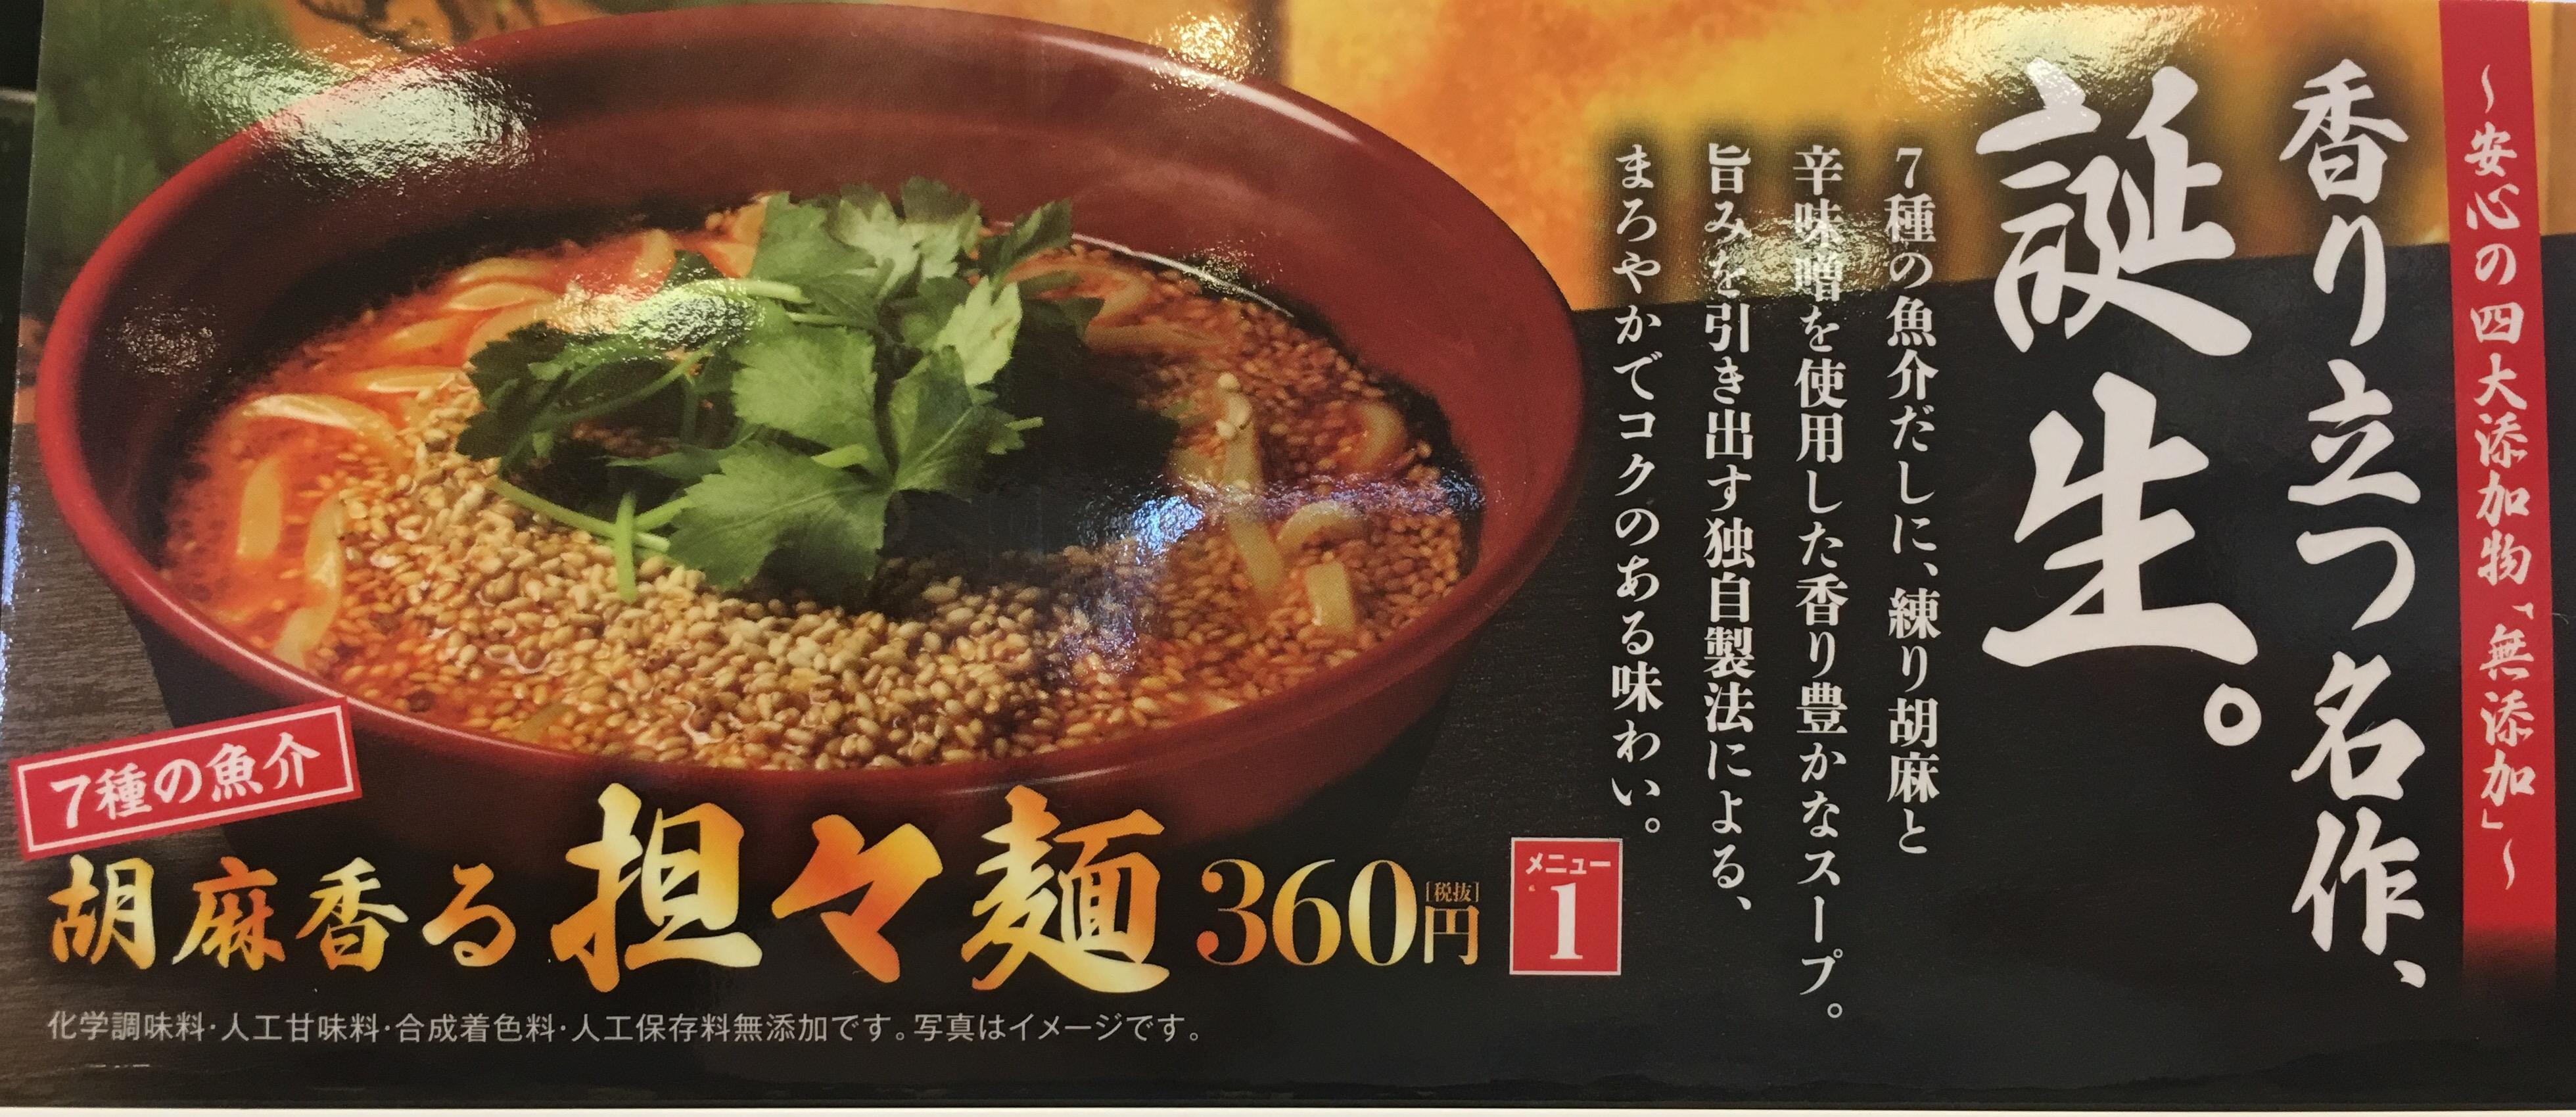 くら寿司の「胡麻香る担々麺」の感想や口コミ カロリーは少し高め?